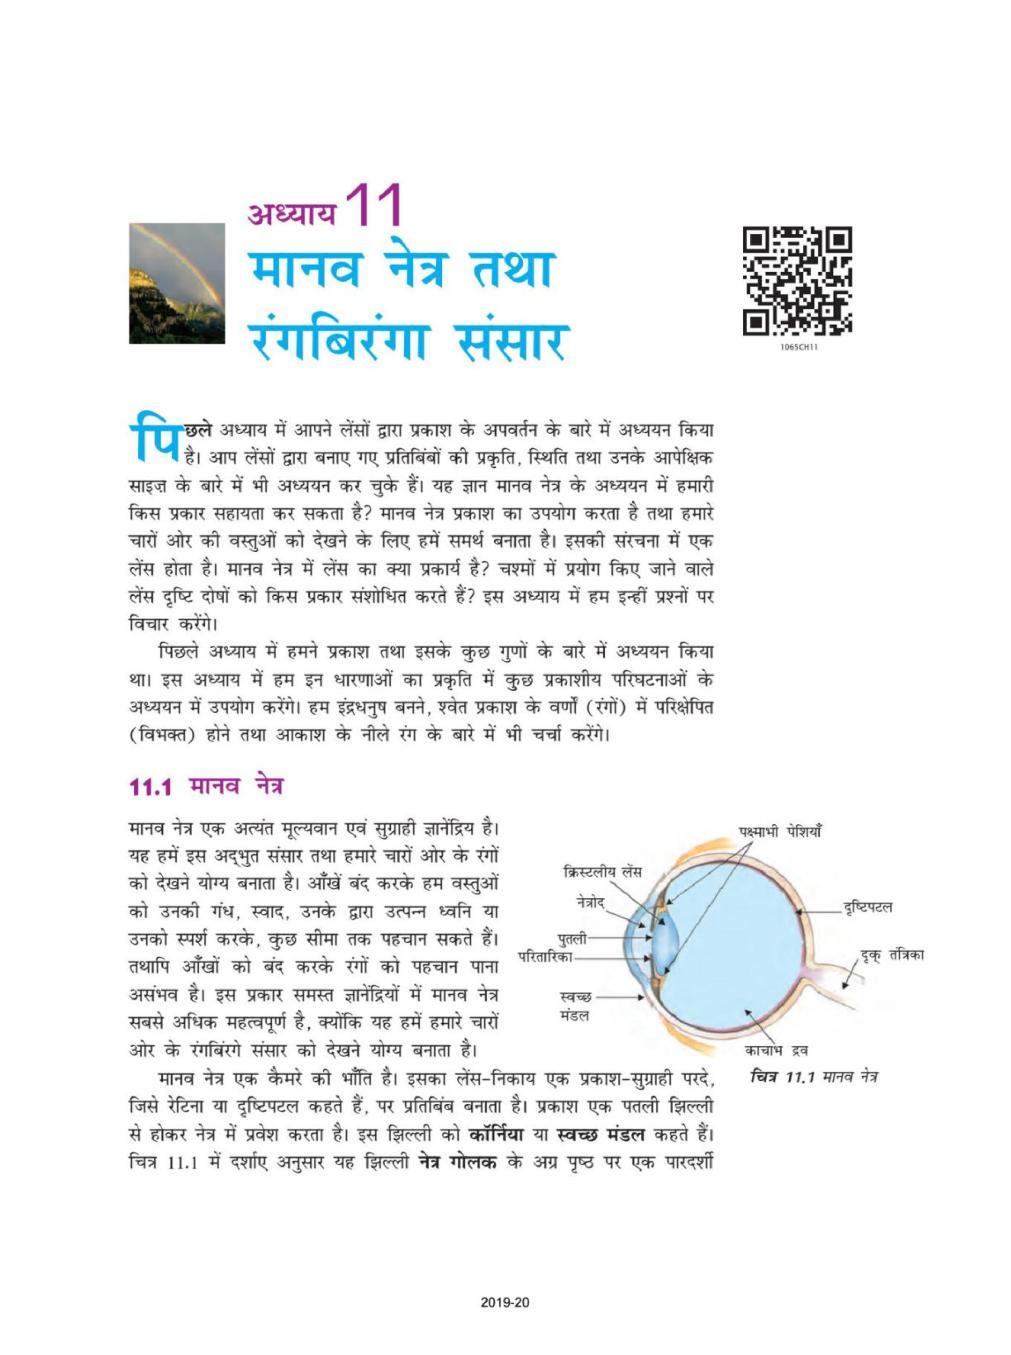 NCERT Book Class 10 Science (विज्ञान) Chapter 11 मानव नेत्र तथा रंगबिरंगा संसार - Page 1